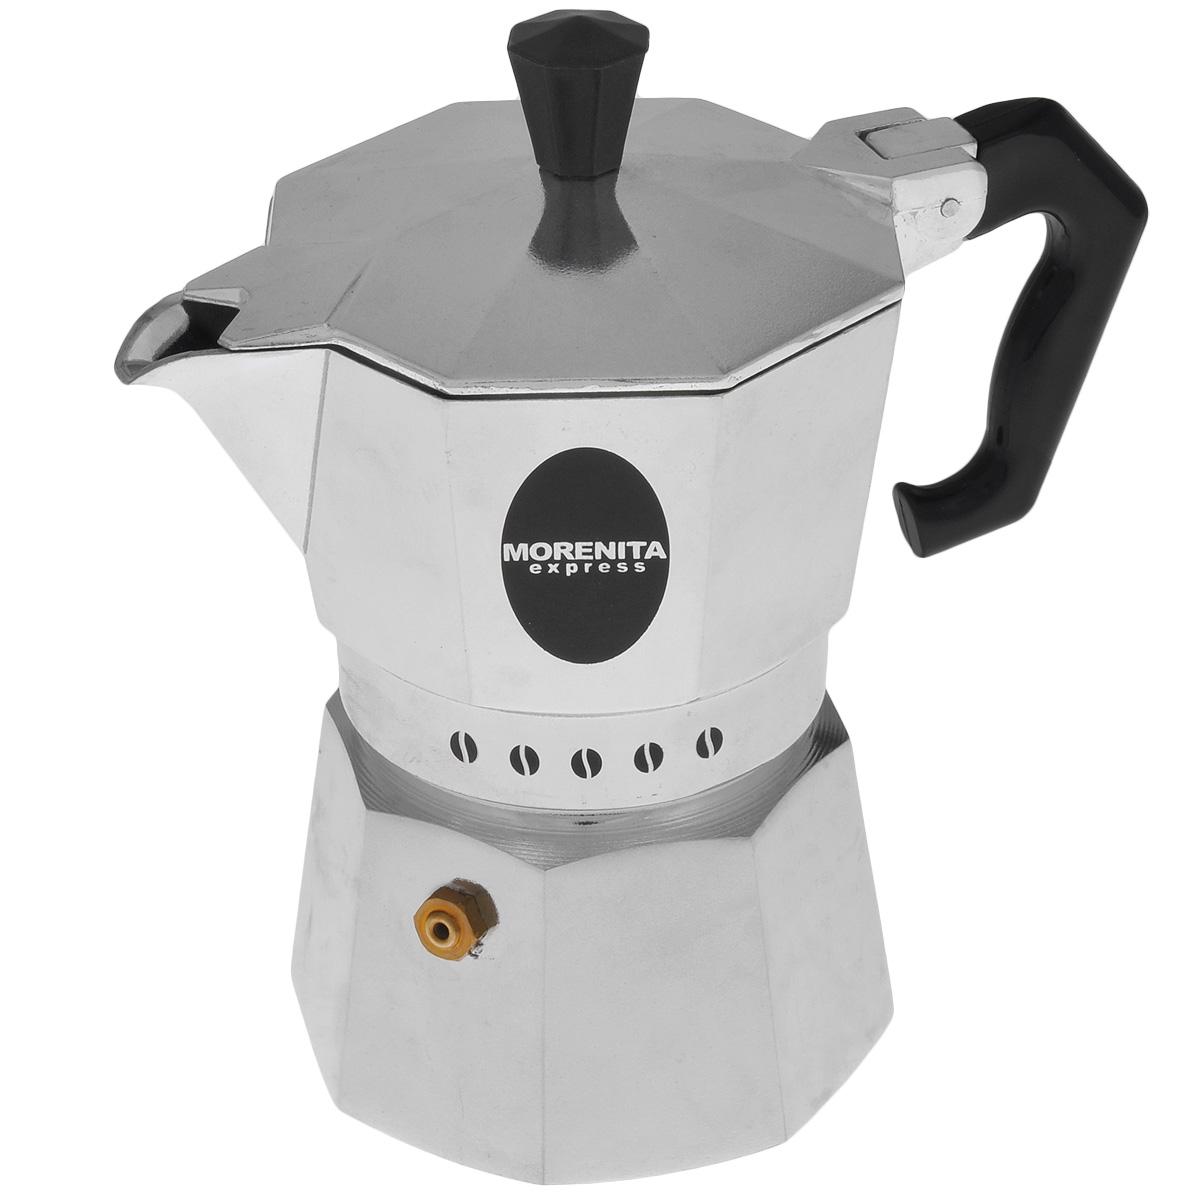 Кофеварка гейзерная Morenita Express, на 3 чашки, 200 мл62Компактная гейзерная кофеварка Morenita Express изготовлена из высококачественного алюминия. Объема кофе хватает на 3 чашки. Изделие оснащено удобной пластиковой ручкой. Принцип работы такой гейзерной кофеварки - кофе заваривается путем многократного прохождения горячей воды или пара через слой молотого кофе. Удобство кофеварки в том, что вся кофейная гуща остается во внутренней емкости. Гейзерные кофеварки пользуются большой популярностью благодаря изысканному аромату. Кофе получается крепкий и насыщенный. Теперь и дома вы сможете насладиться великолепным эспрессо. Подходит для газовых, электрических и стеклокерамических плит. Объем: 200 мл.